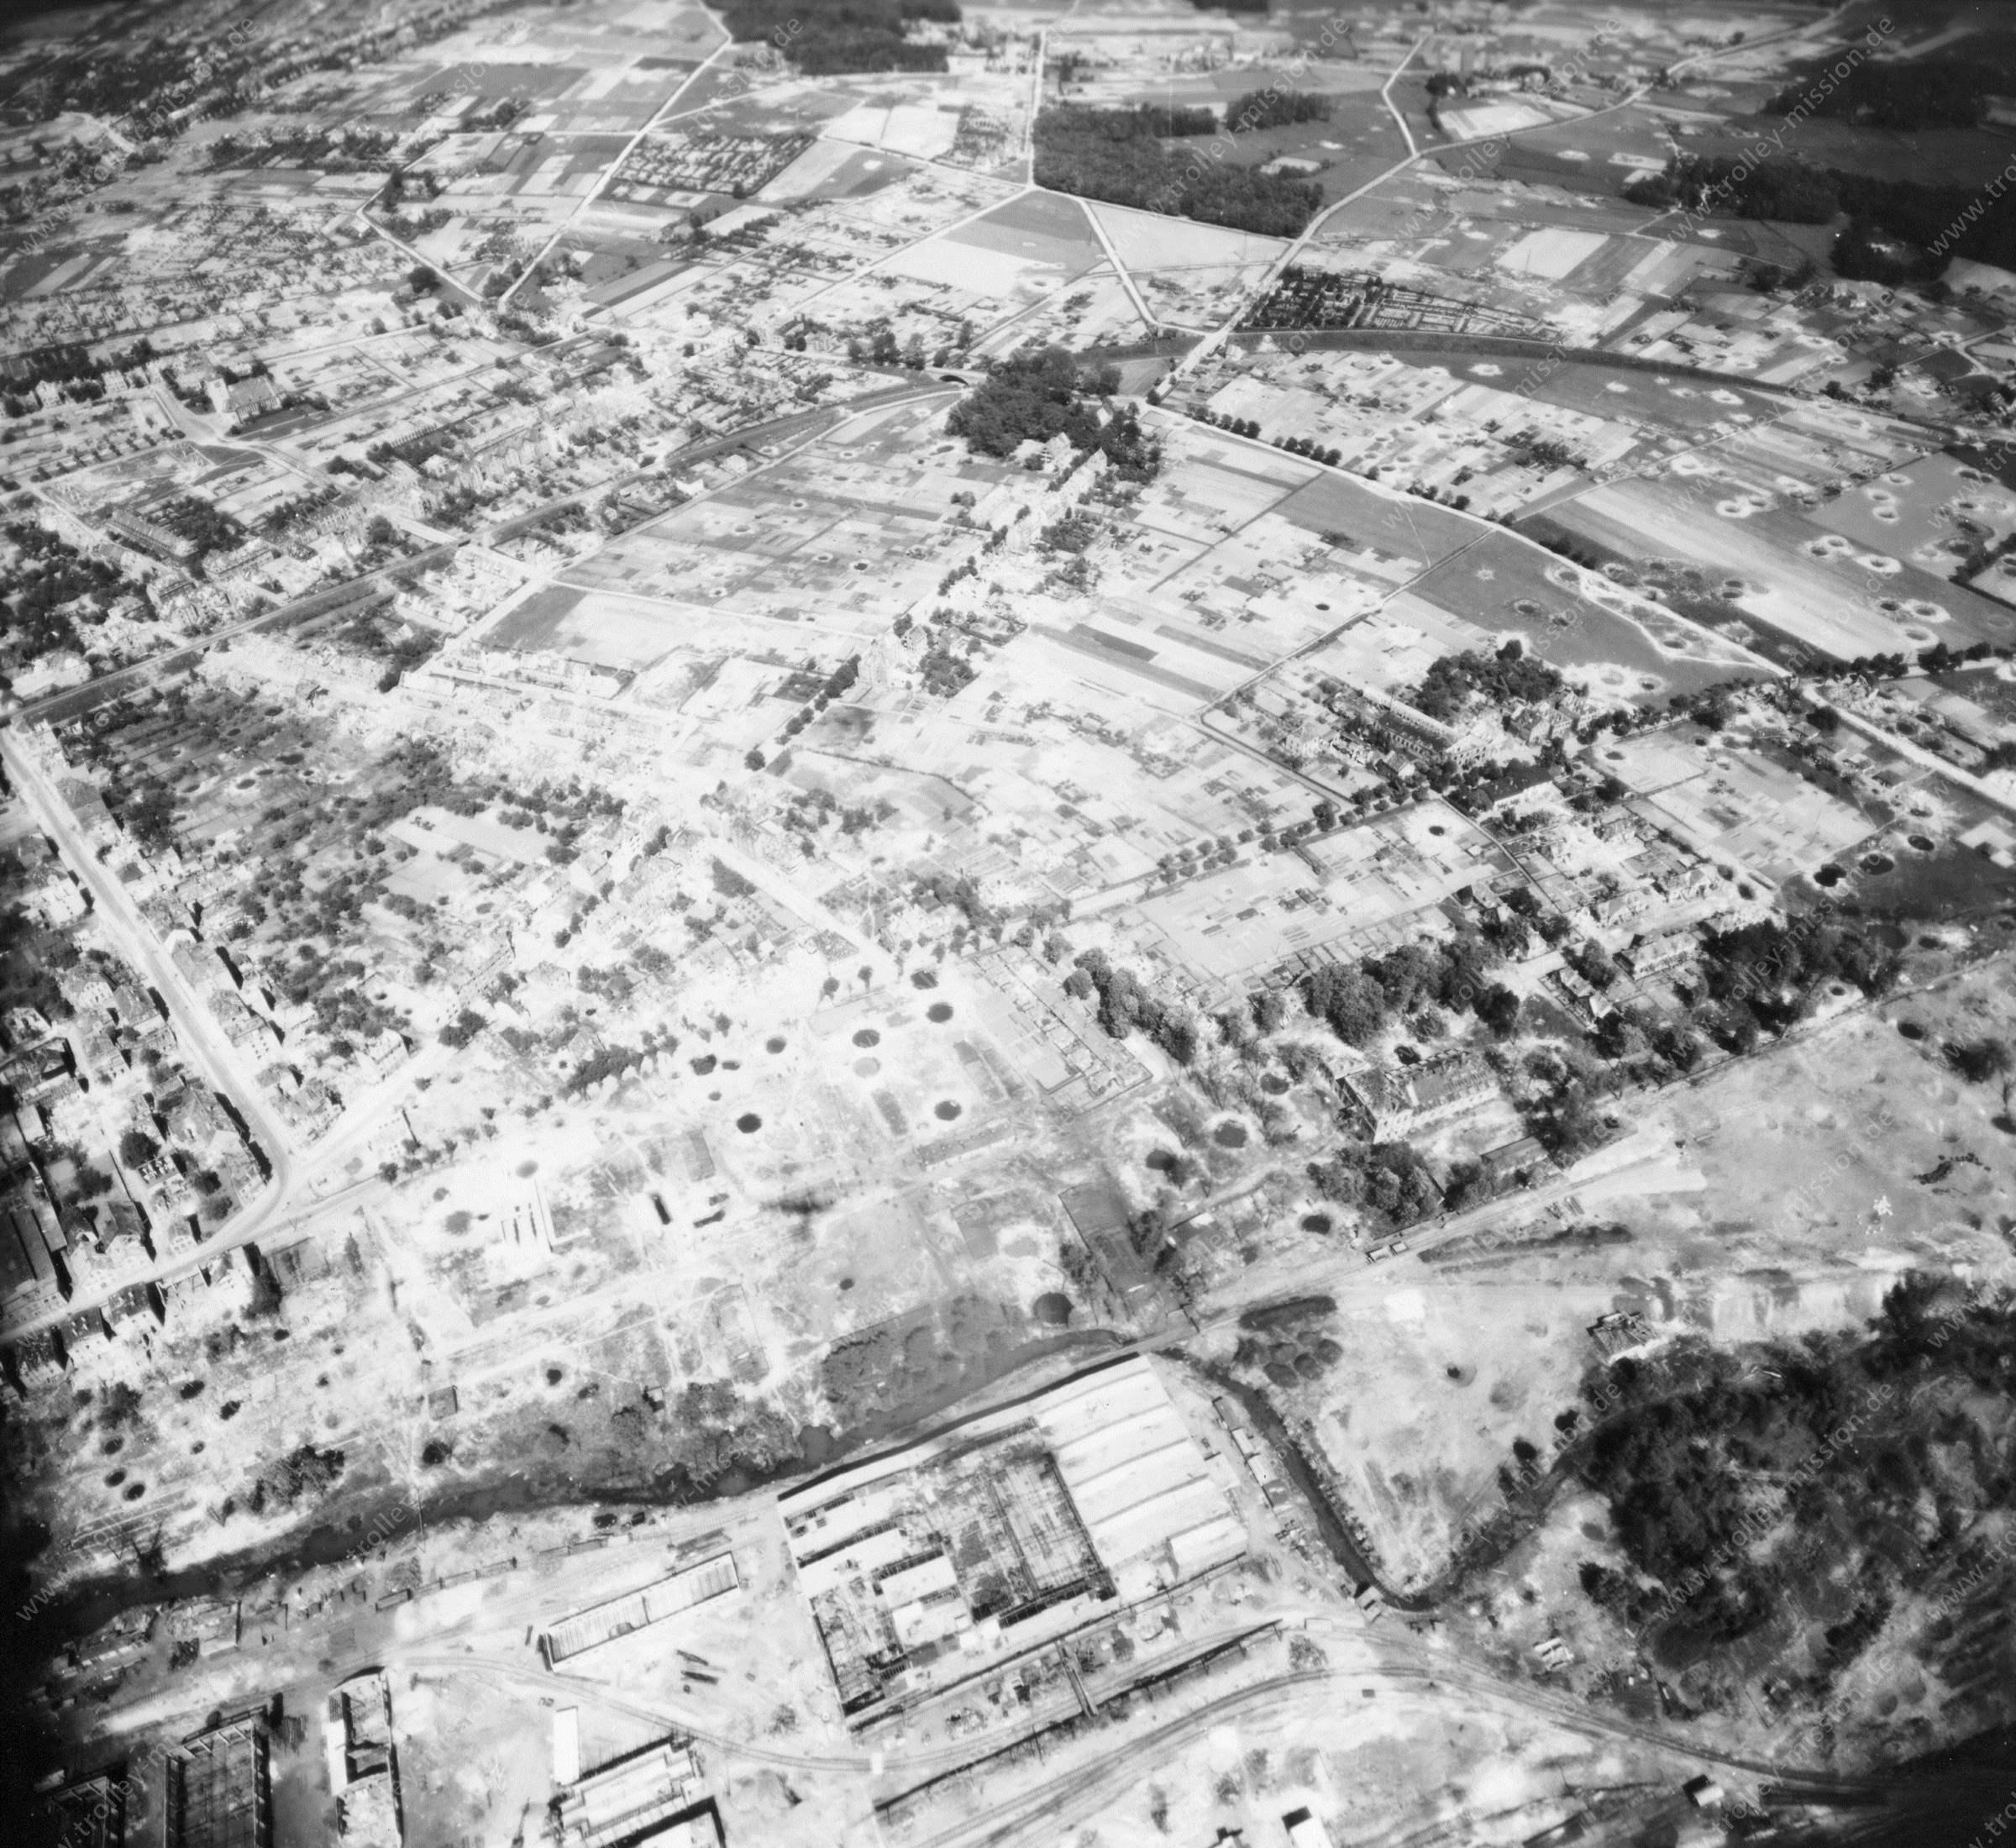 Luftbild vom Stadtteil Schinkel in Osnabrück nach dem Zweiten Weltkrieg